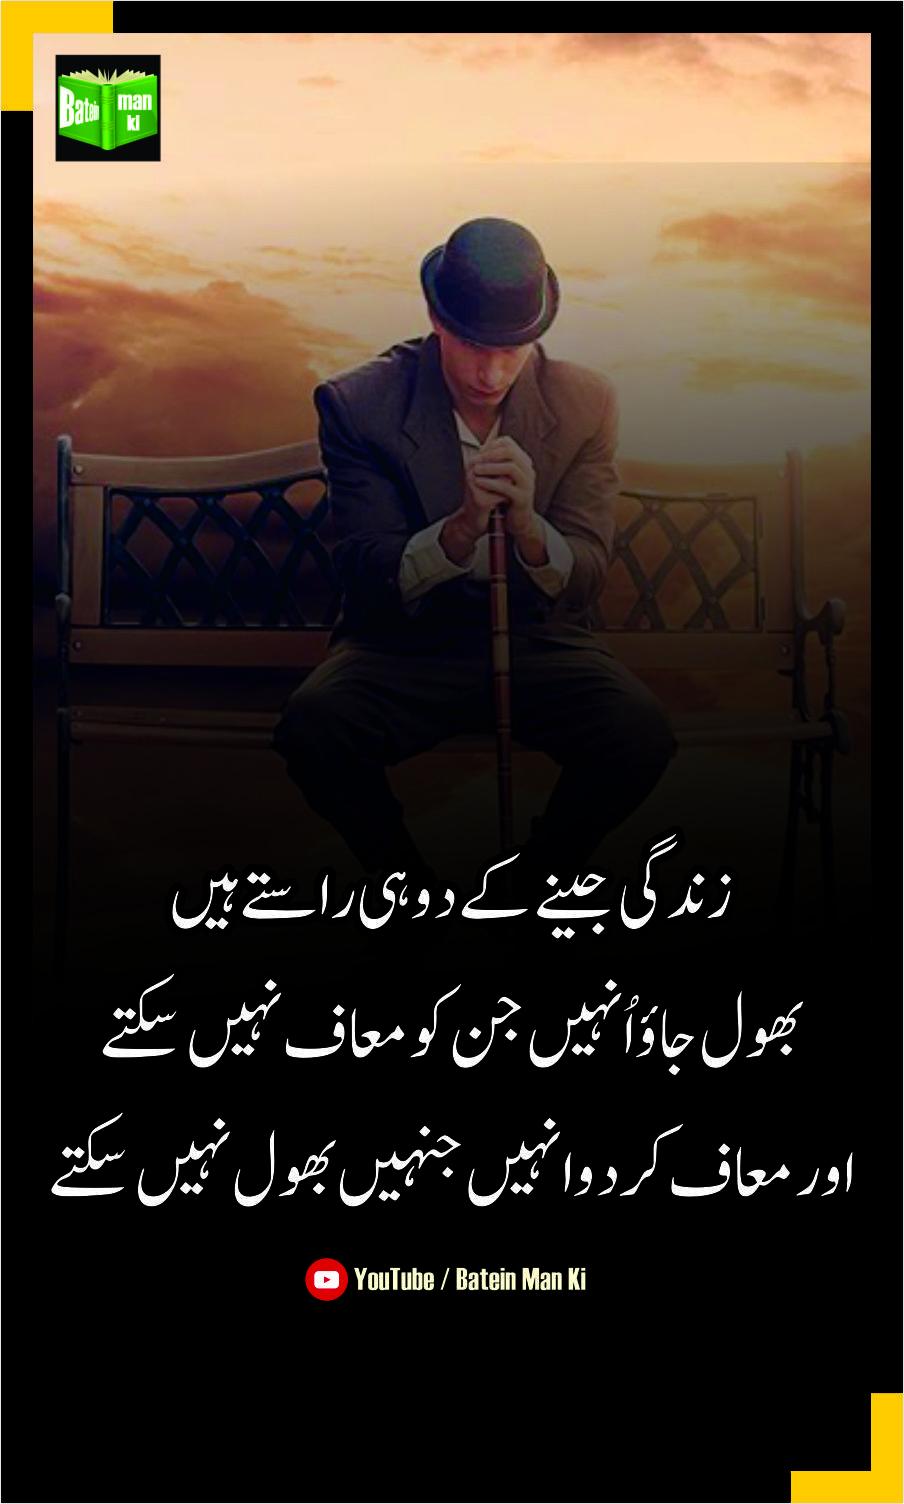 Zindagi Jeena Urdu Quotes Urdu Quotes Inspirational Quotes Motivation Urdu Quotes Islamic Urdu post , urdu posts, urdu shairi, urdu poetry, urdu, urdu adaab m a s t i y a a n,urdu poetry,urdu shayari,shayari ,sad poetry ,poetry in urdu quotes poetry quotes quotations qoutes quran quotes inspirational islamic quotes strong people quotes alhamdulillah for everything. zindagi jeena urdu quotes urdu quotes